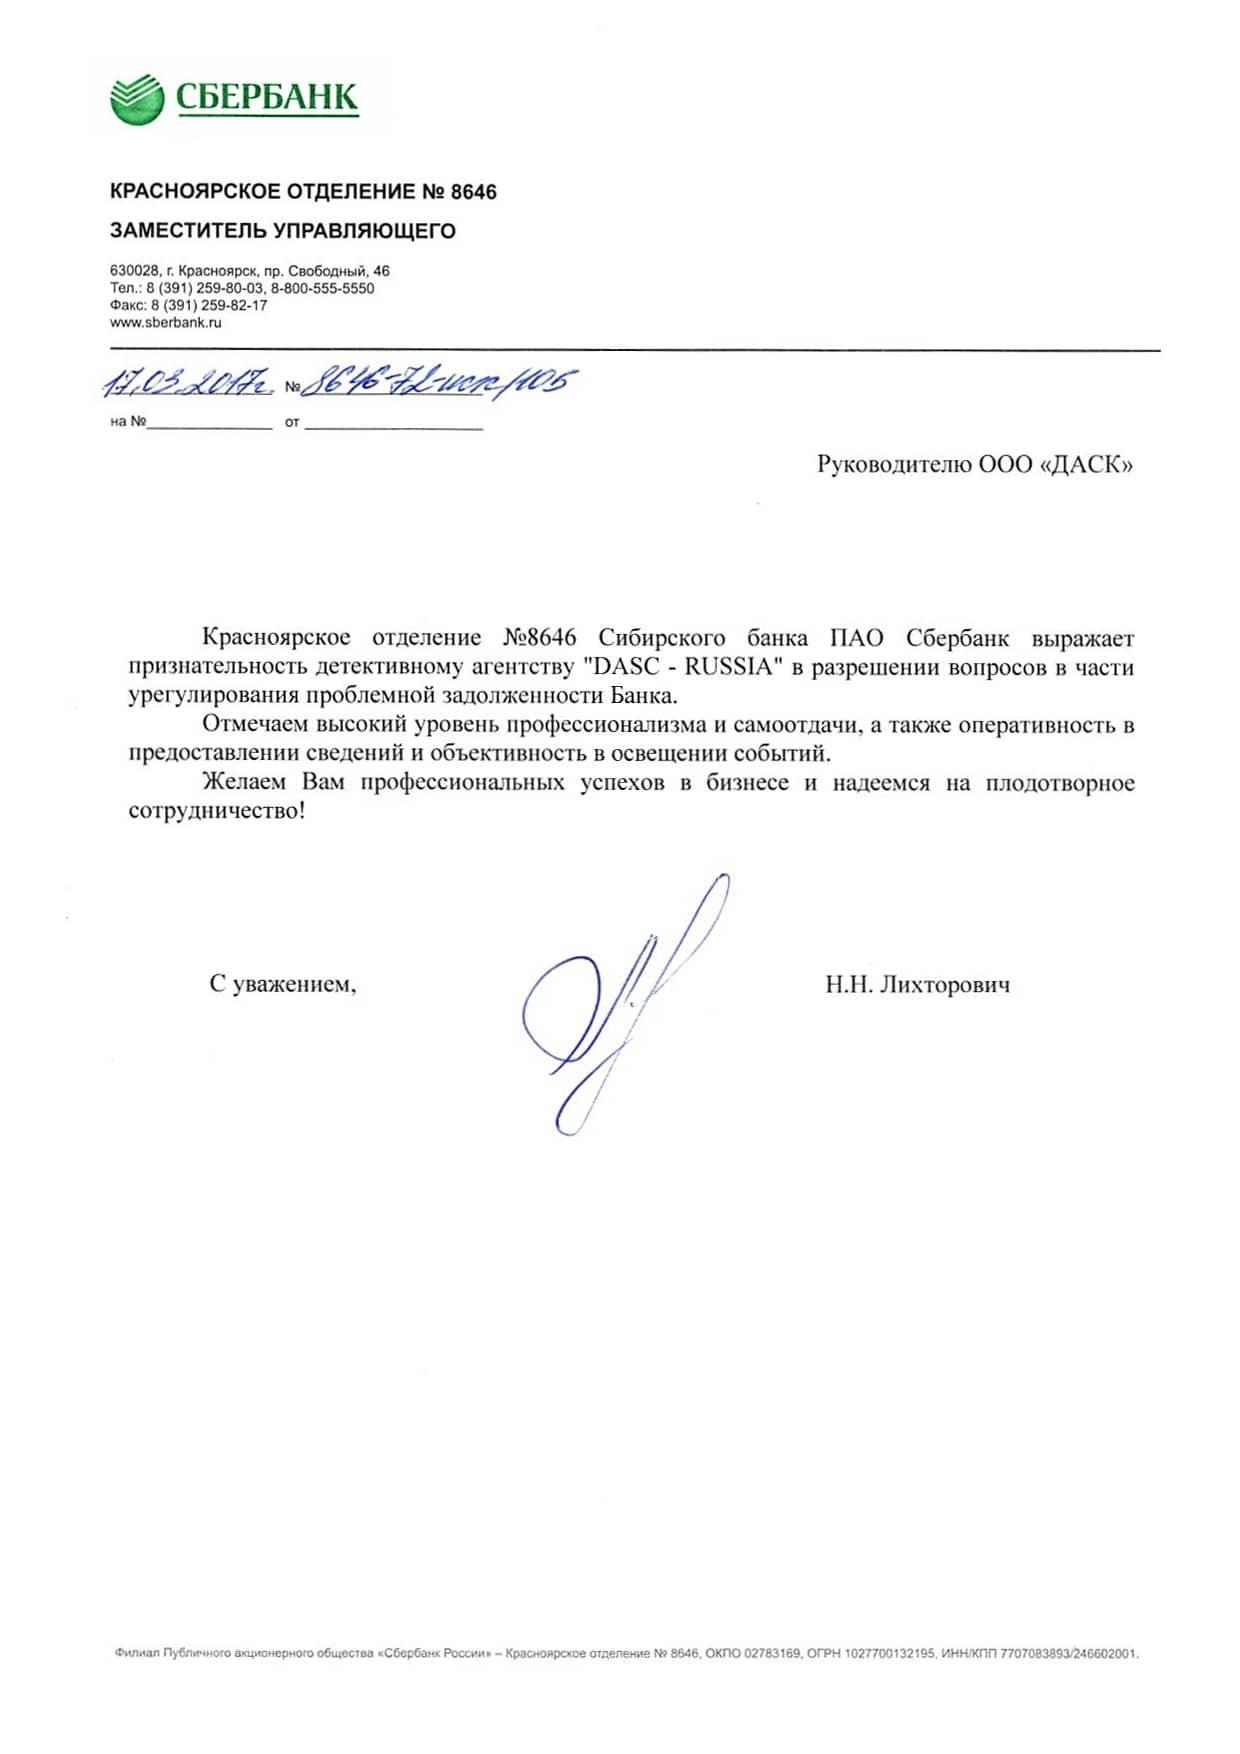 Благодарность детективному агентству от ПАО СБЕРБАНК России